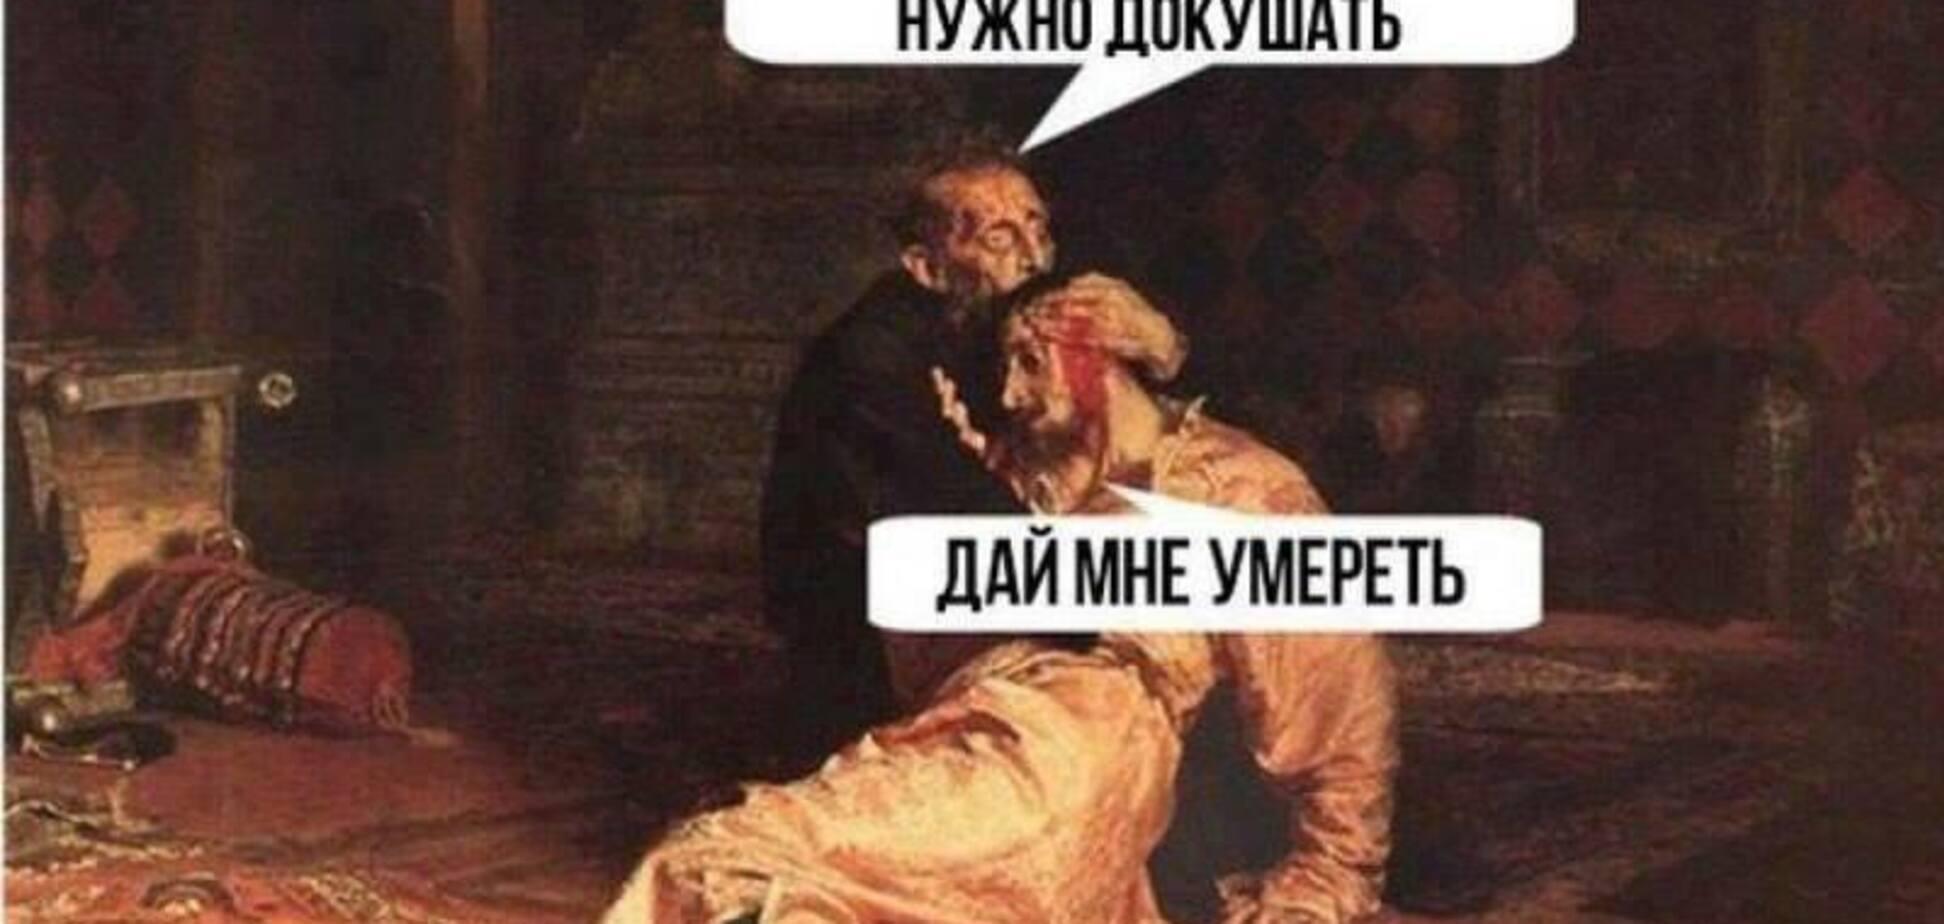 Анекдоты и приколы за 2 января: лучшее из соцсетей